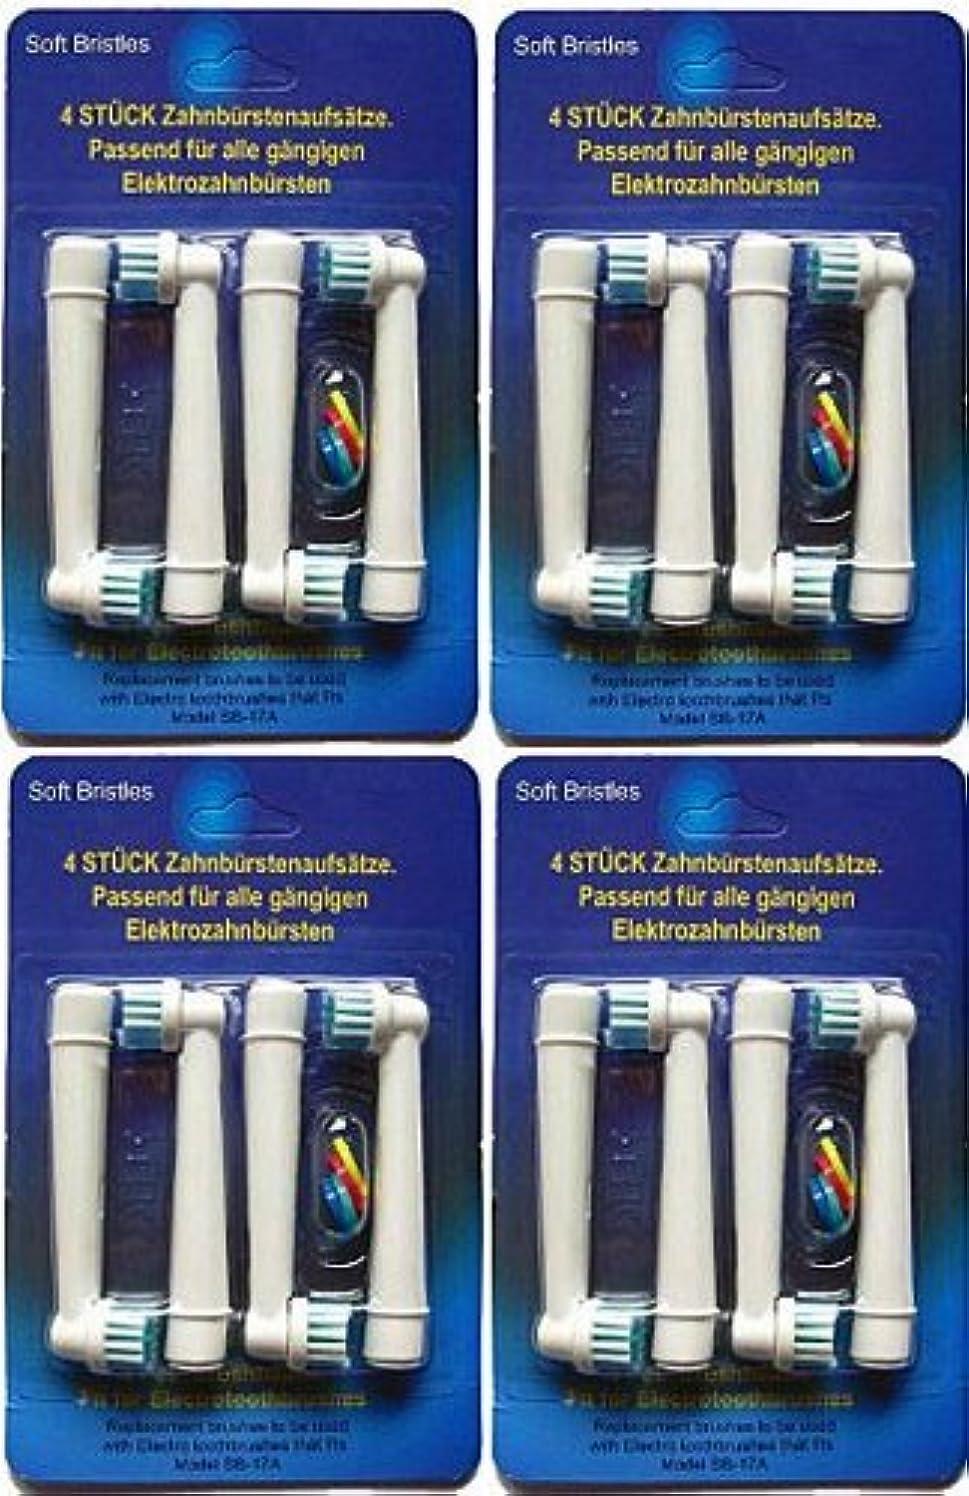 覆すシロナガスクジラ避難する16本set  ブラウン オーラルB フレキシソフト 互換 替えブラシ 17-A 1パック 4本入り ×4 計16本 EB17-4 EB17-2対応